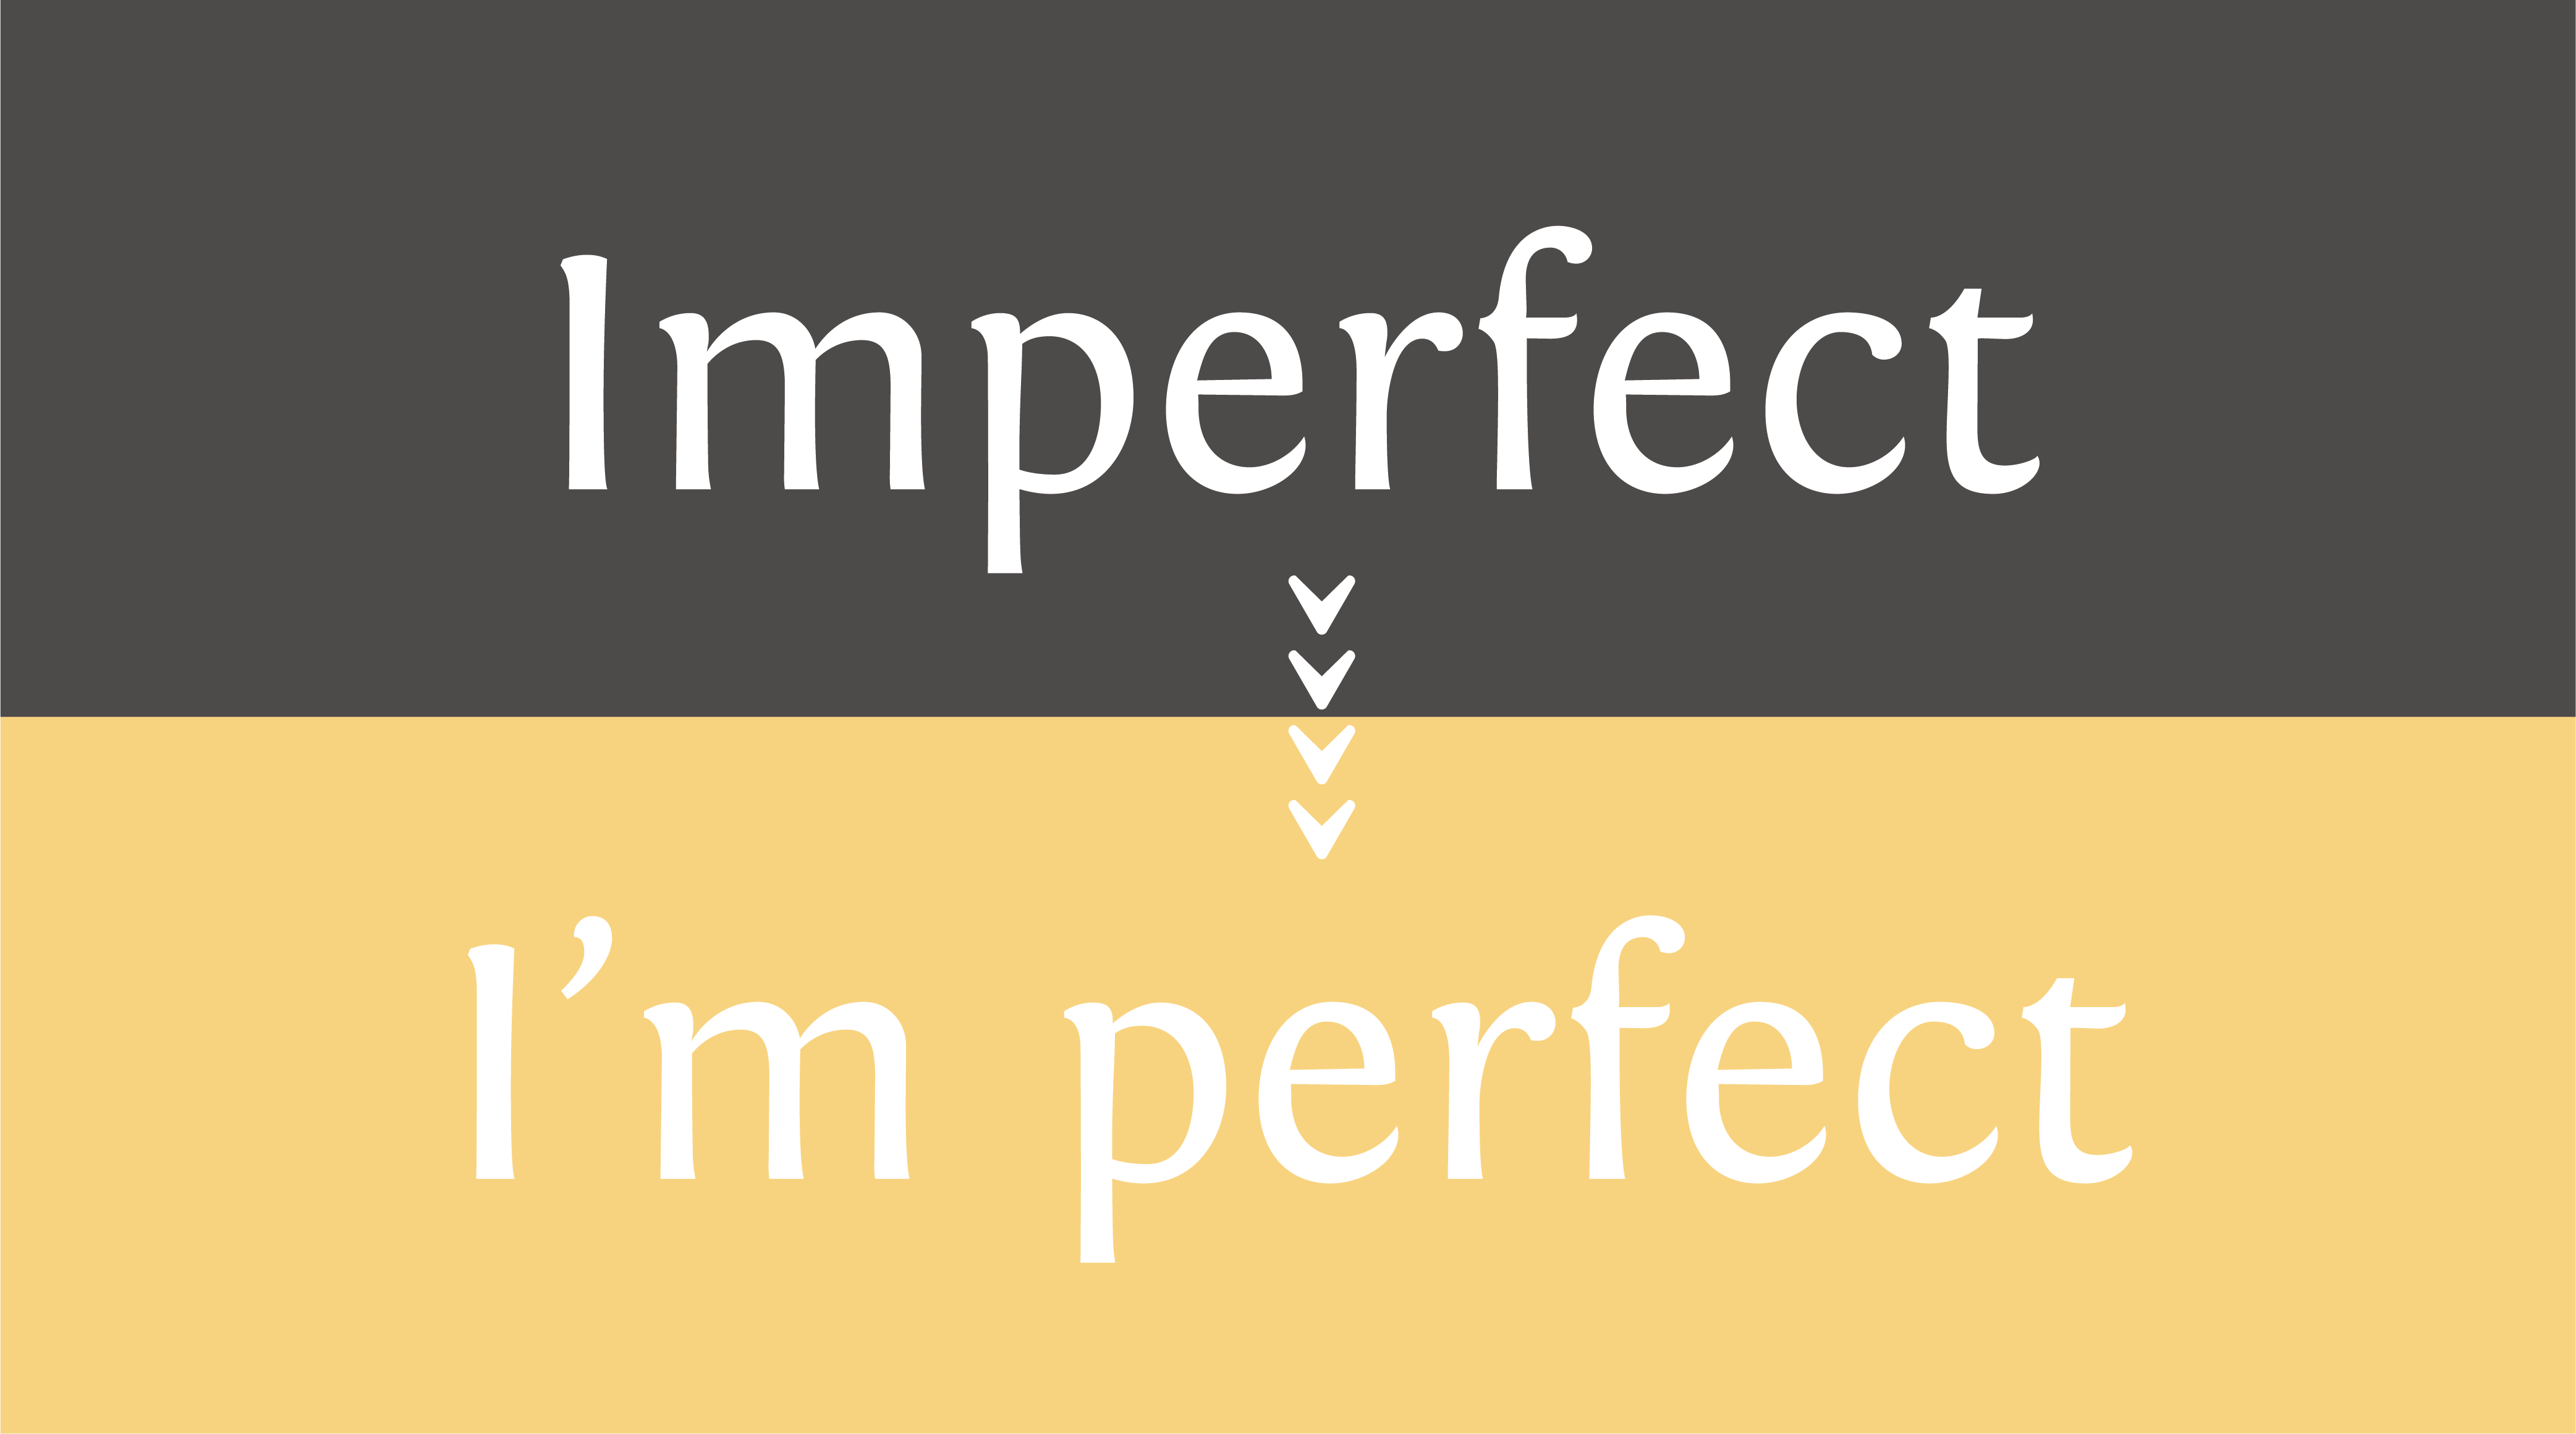 自尊運動提倡的正向自我:從認為自己「不完美」,漸漸變成「我很完美」。圖│研之有物(資料來源│張仁和提供)